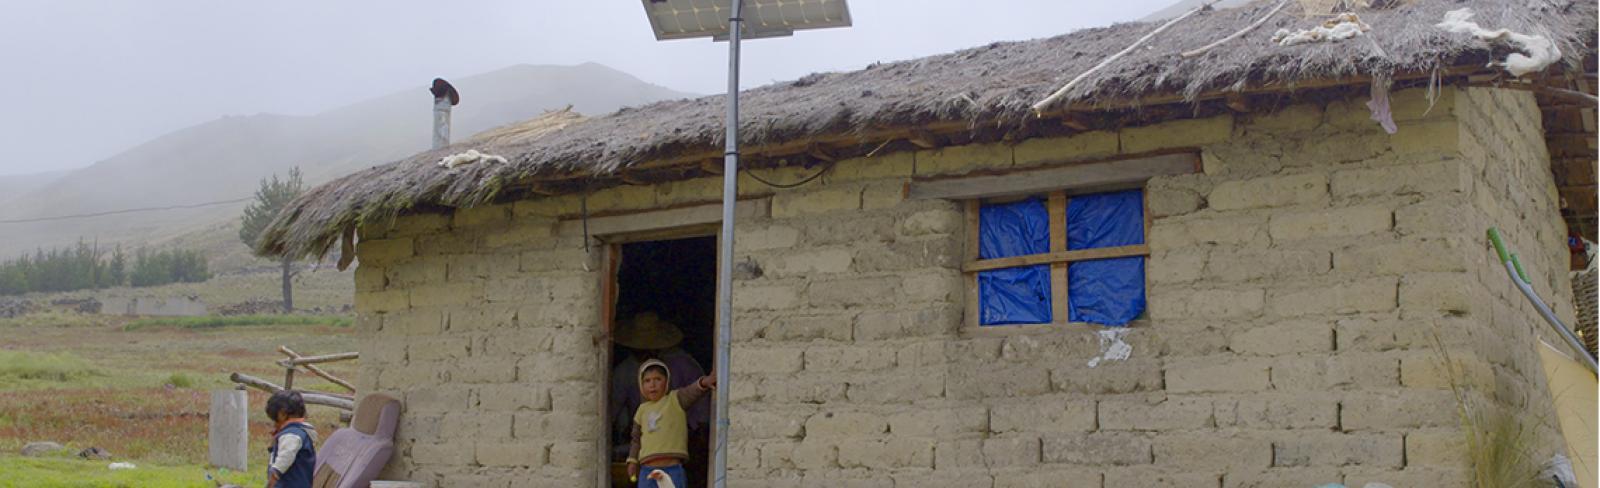 Solar Power Lights up Rural Bolivia